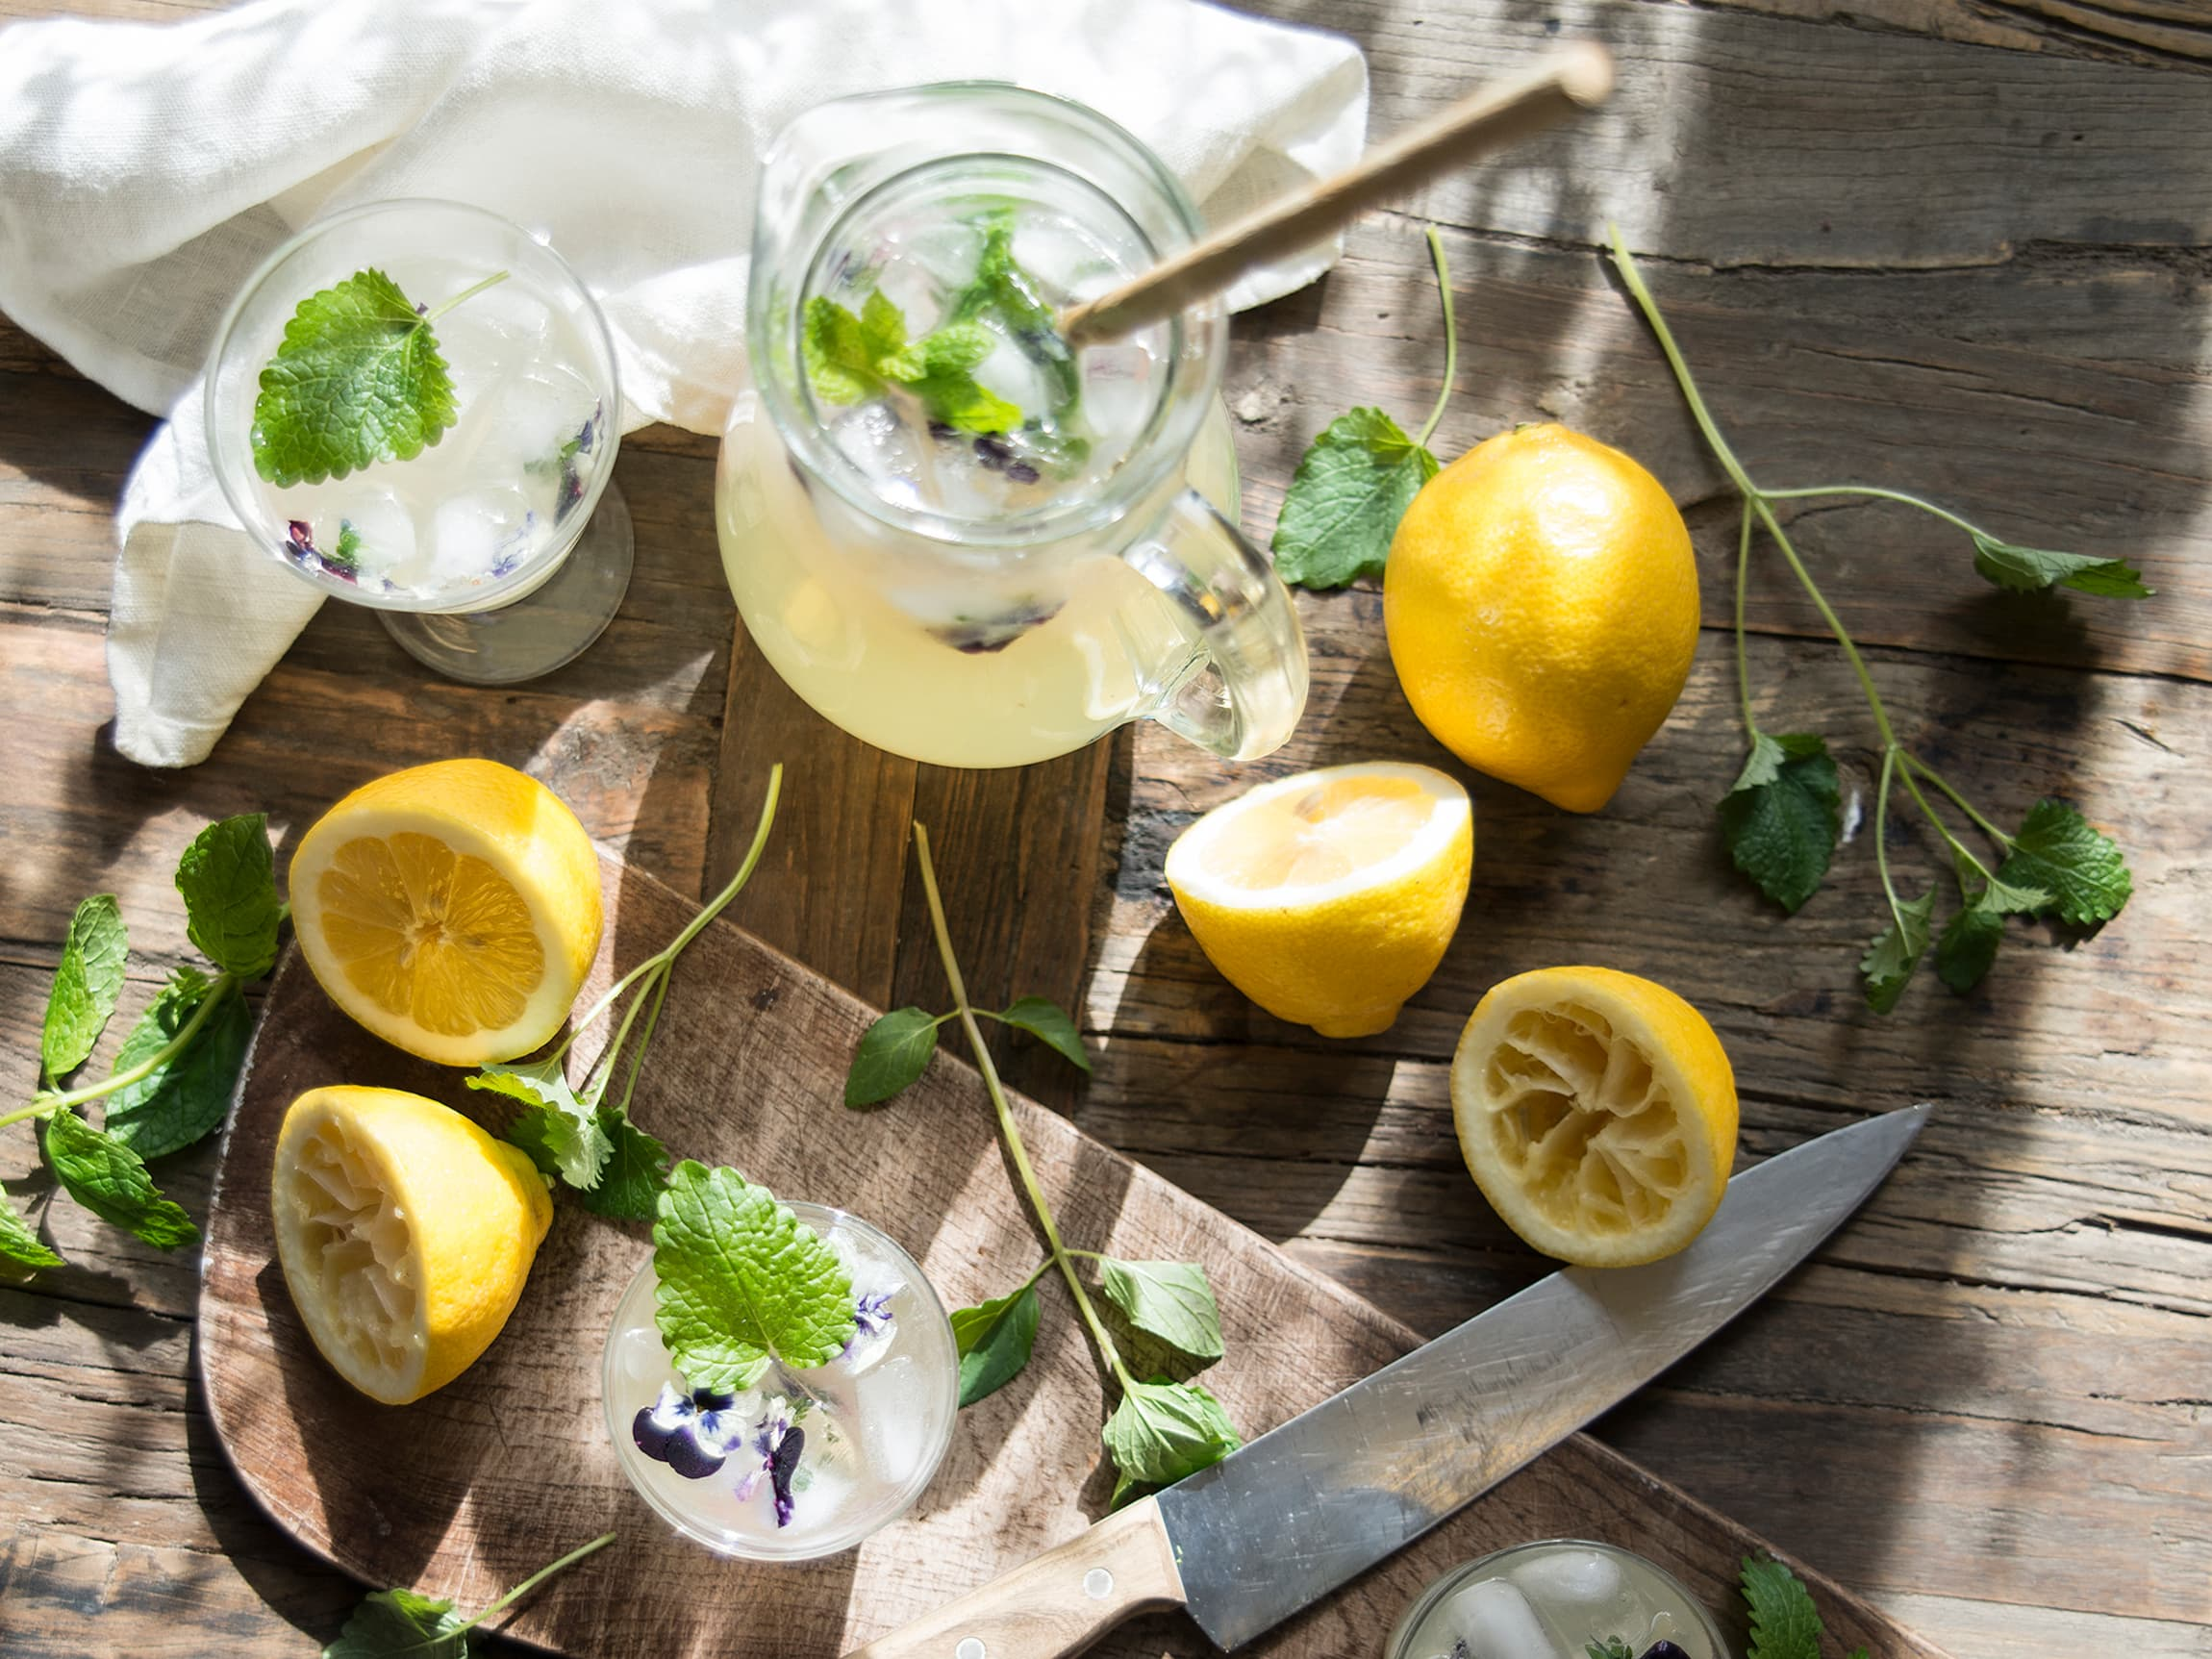 Frisk limonade er en frisk og avkjølende drikk i sommervarmen. Smaksett gjerne med urter eller spennende frukt som litchi.